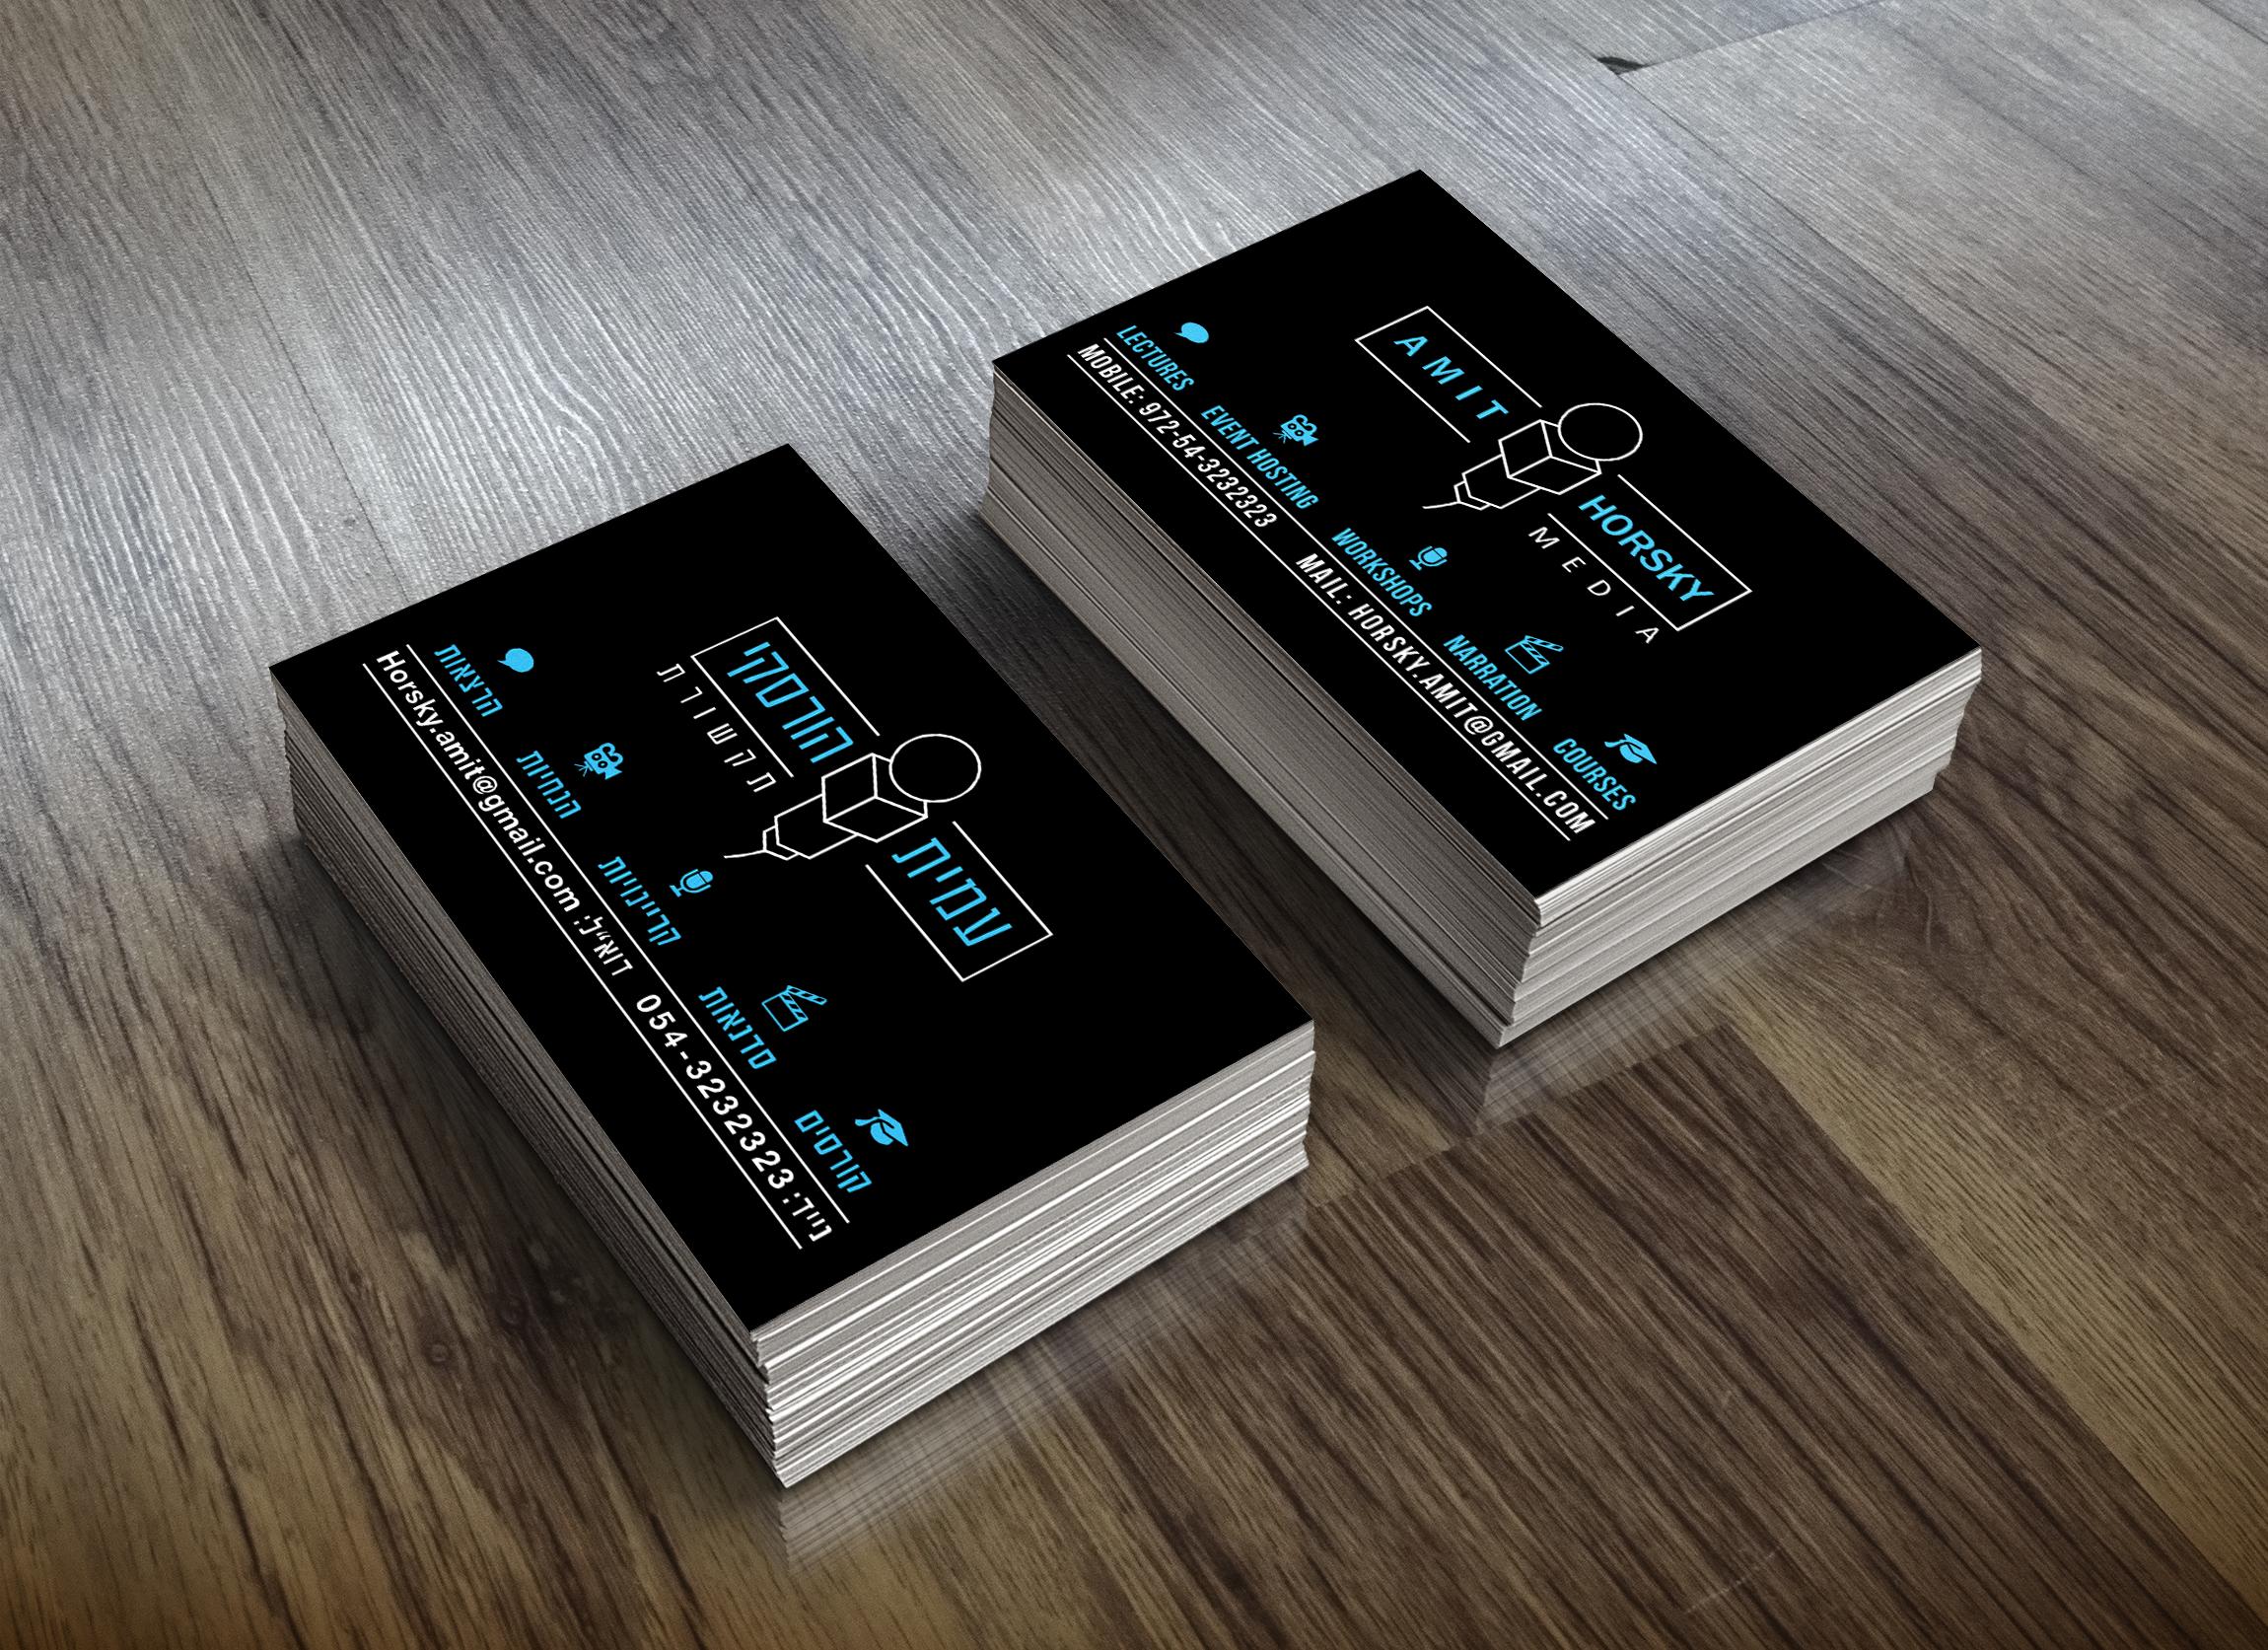 עיצוב לוגו וכרטיס ביקור לעמית הורסקי תקשורת